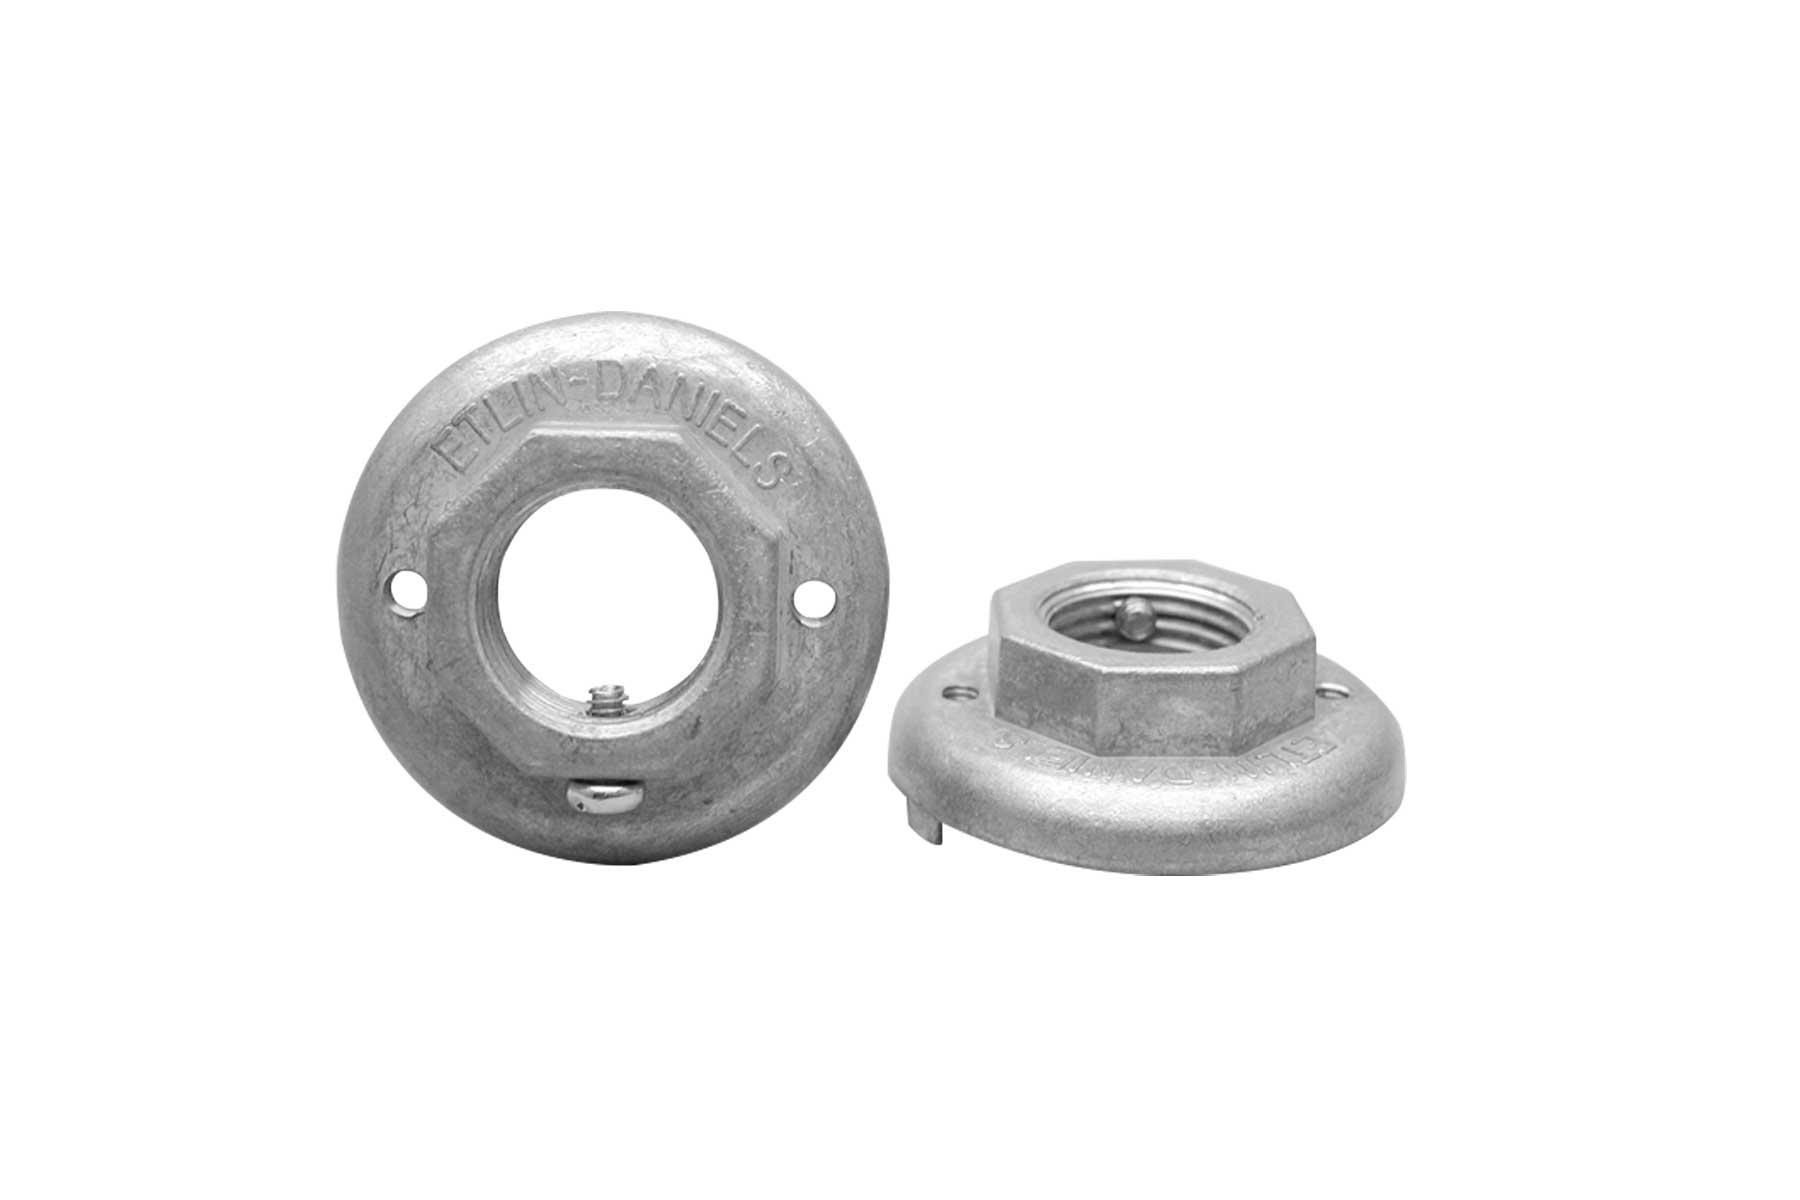 Metal Cap for IS4221 Mogul Base Porcelain Incandescent Light Socket